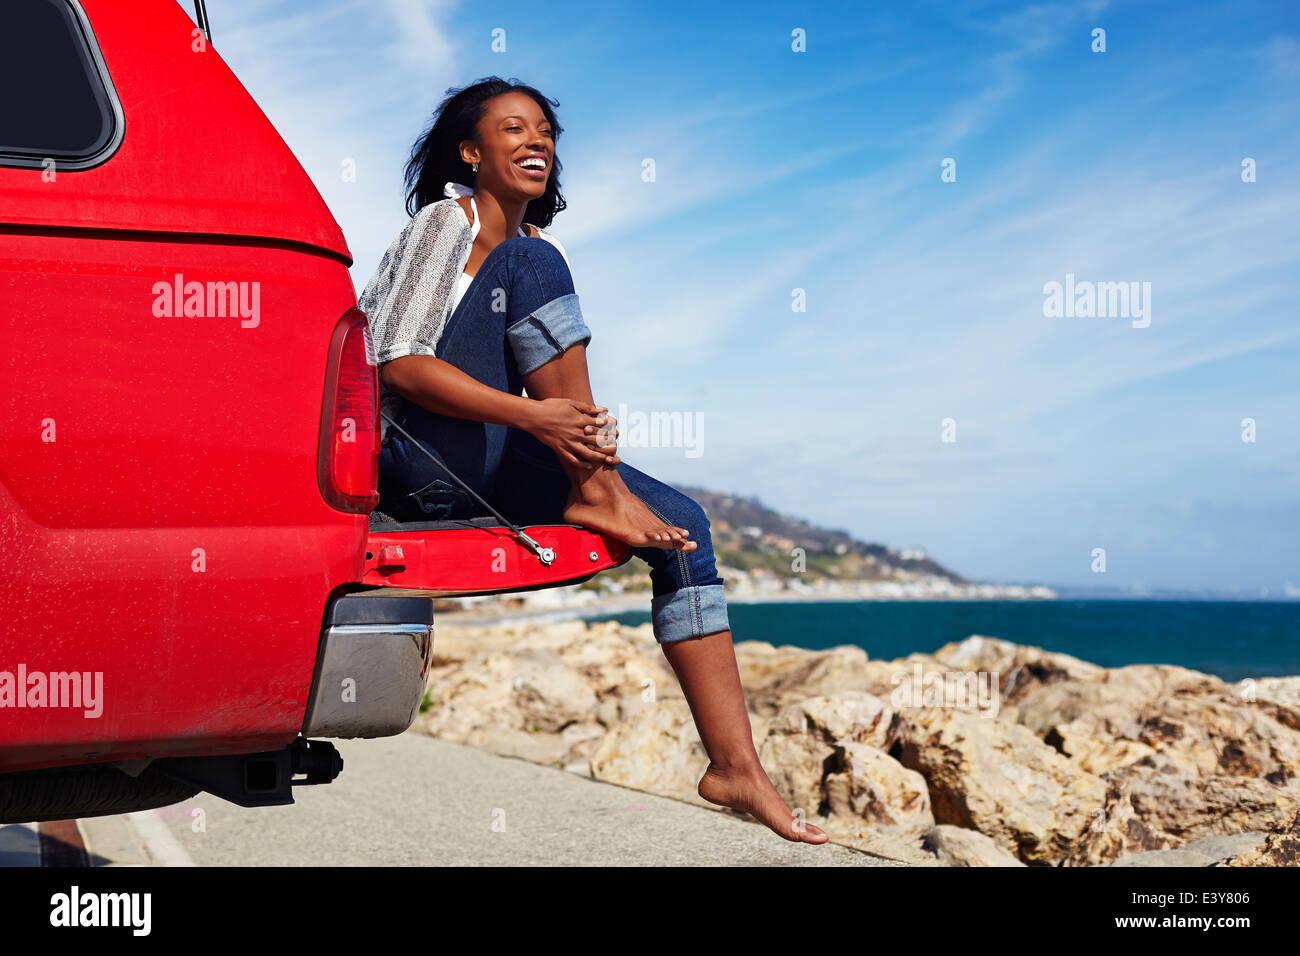 Jeune femme assise sur un capot de voiture, Malibu, California, USA Photo Stock